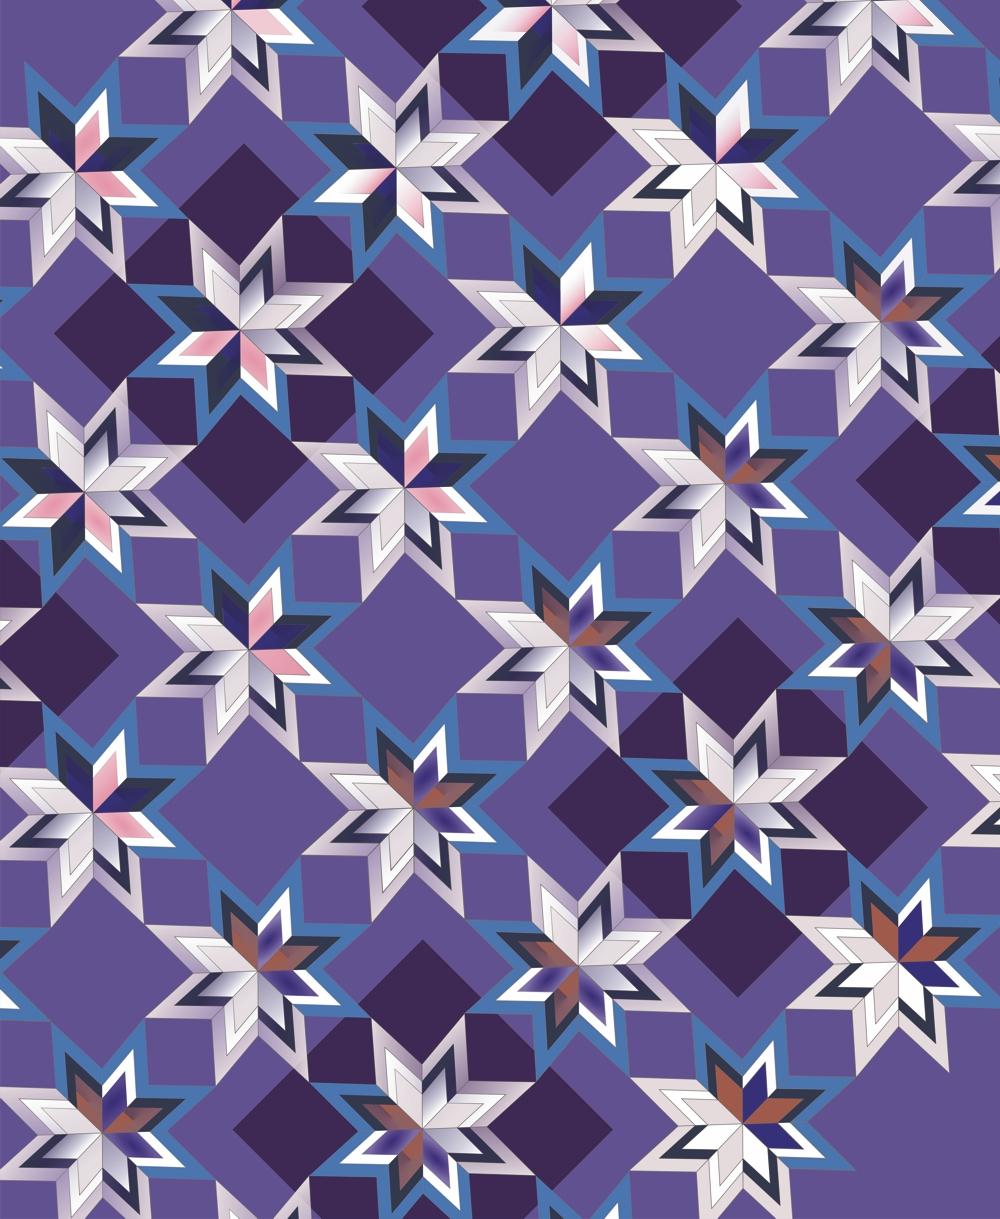 3_rhombic-flowers-1.jpg